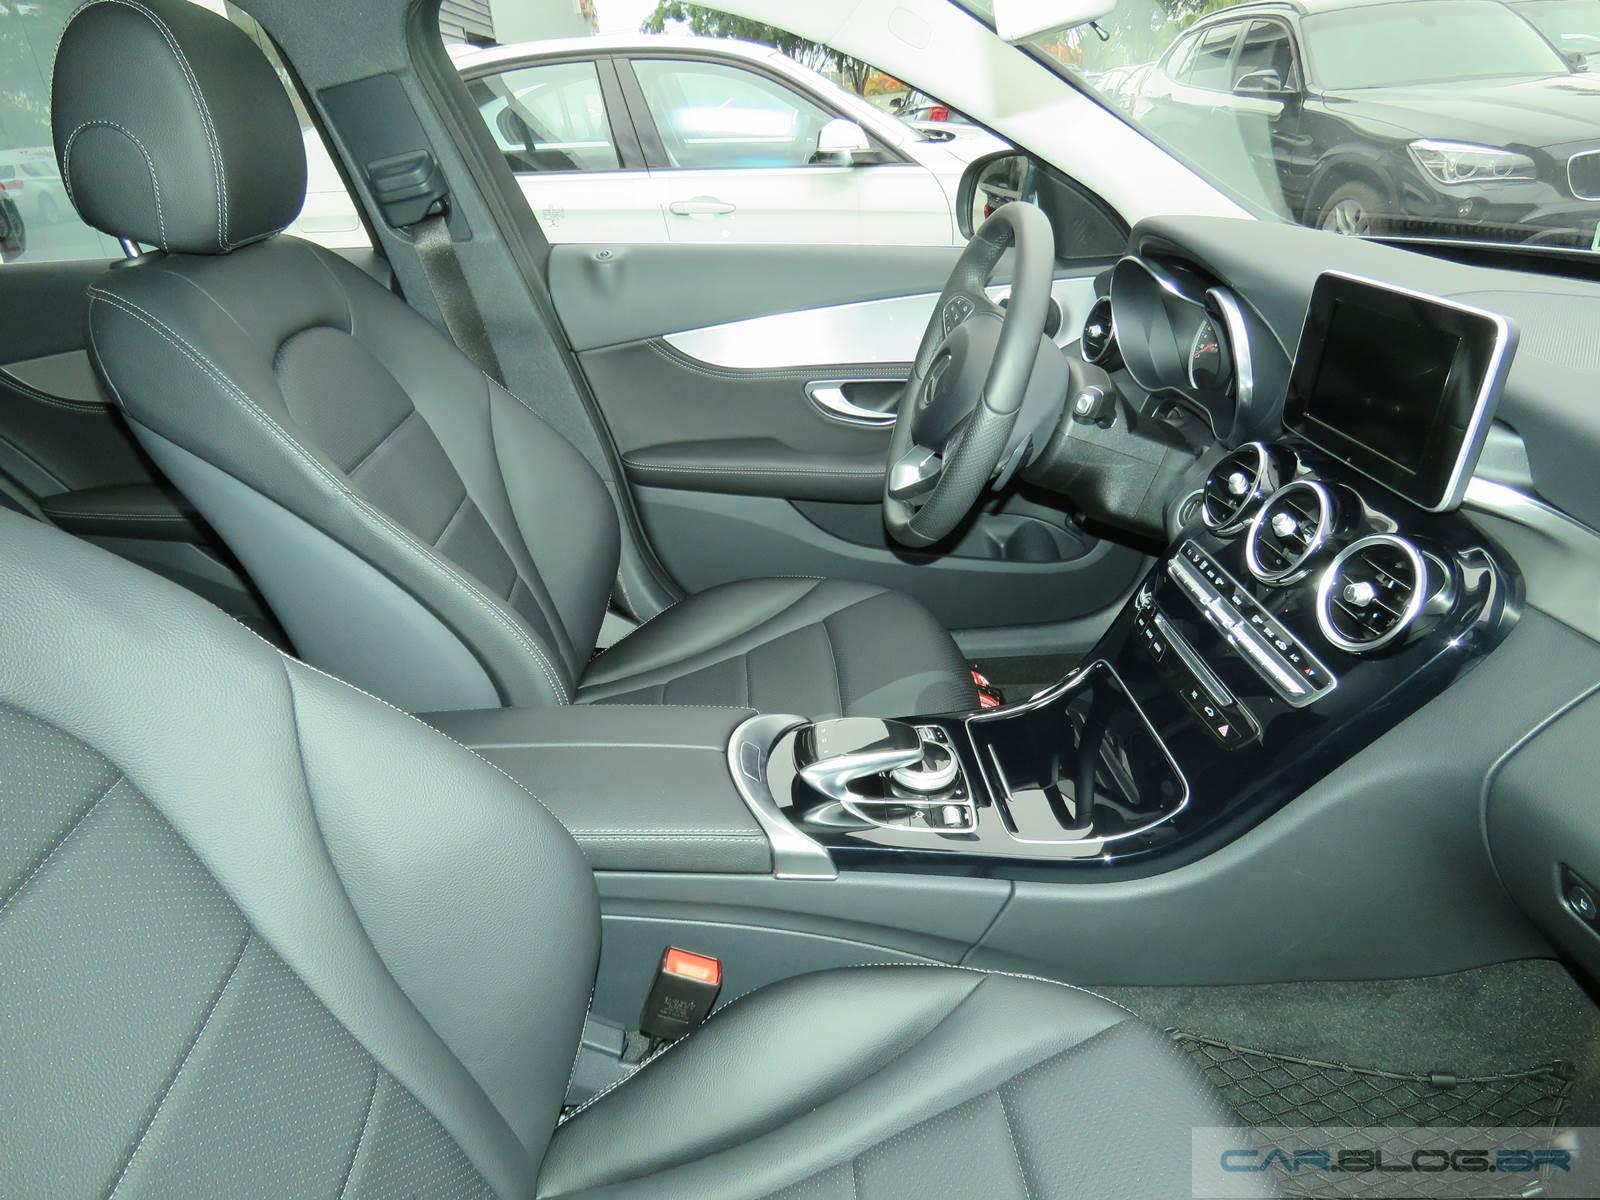 Mercedes-Benz C180 Flex 2016 - interior